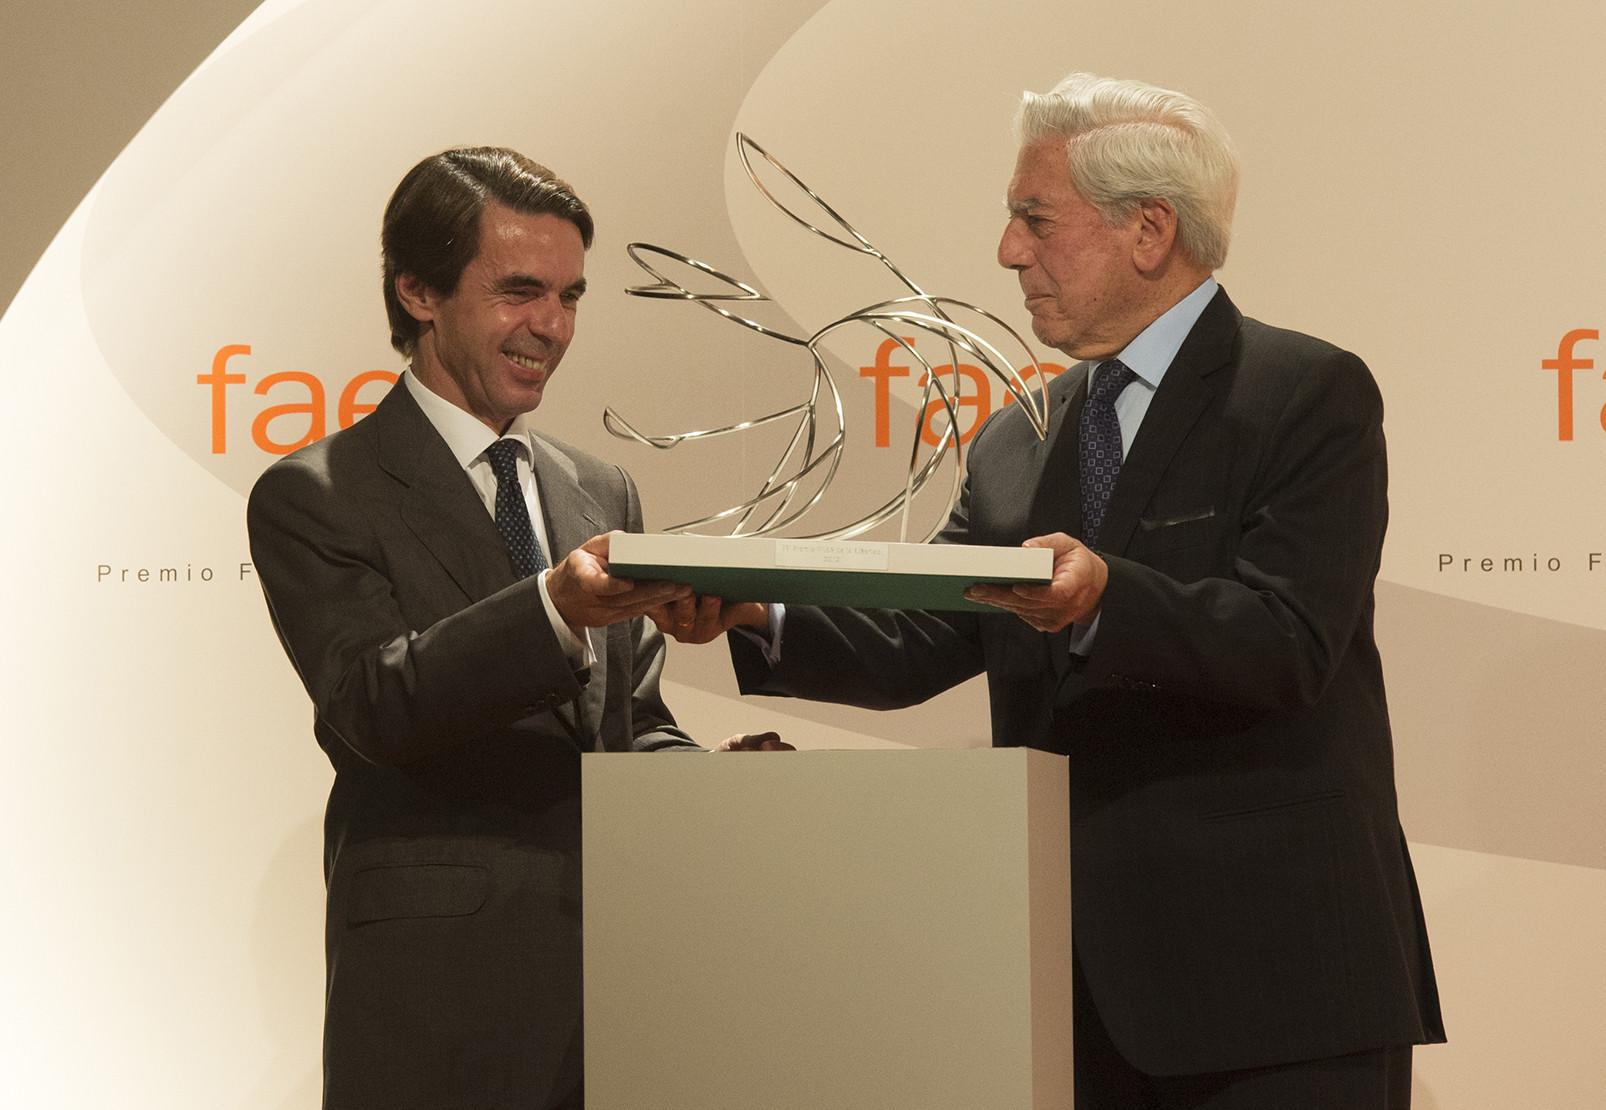 FAES (Fundación para el análisis y los estudios sociales) es una fundación dependiente del Partido Popular y creada por el ex-presidente José María Aznar en el año 2002.